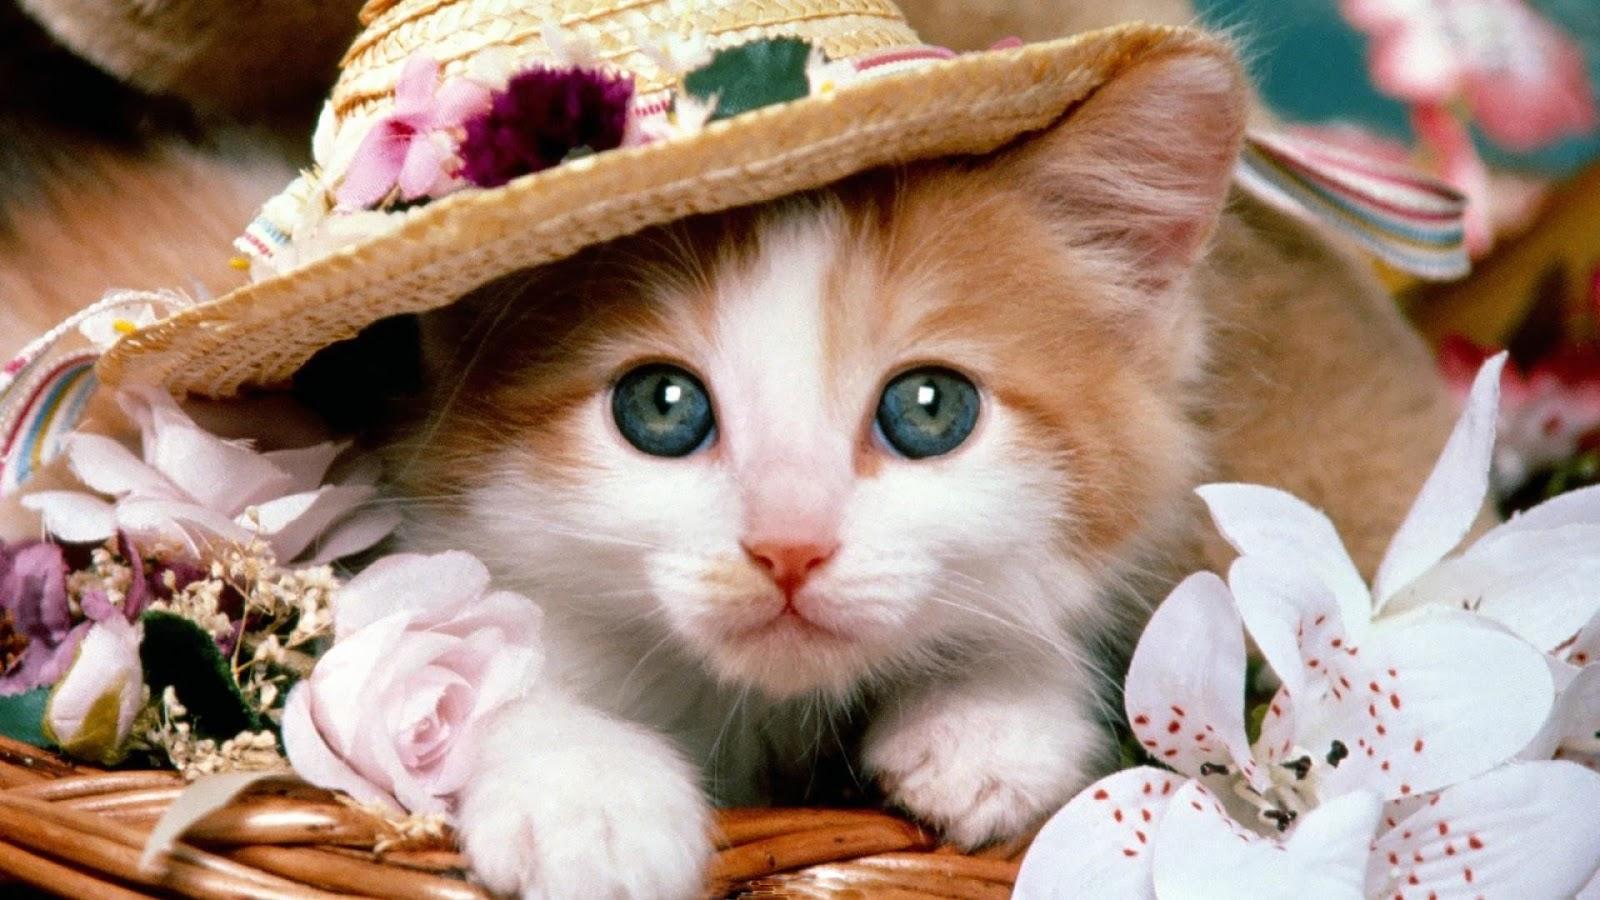 بالصور قطط جميلة , اجمل القطط التى يمكن ان تراها عينك 5991 9